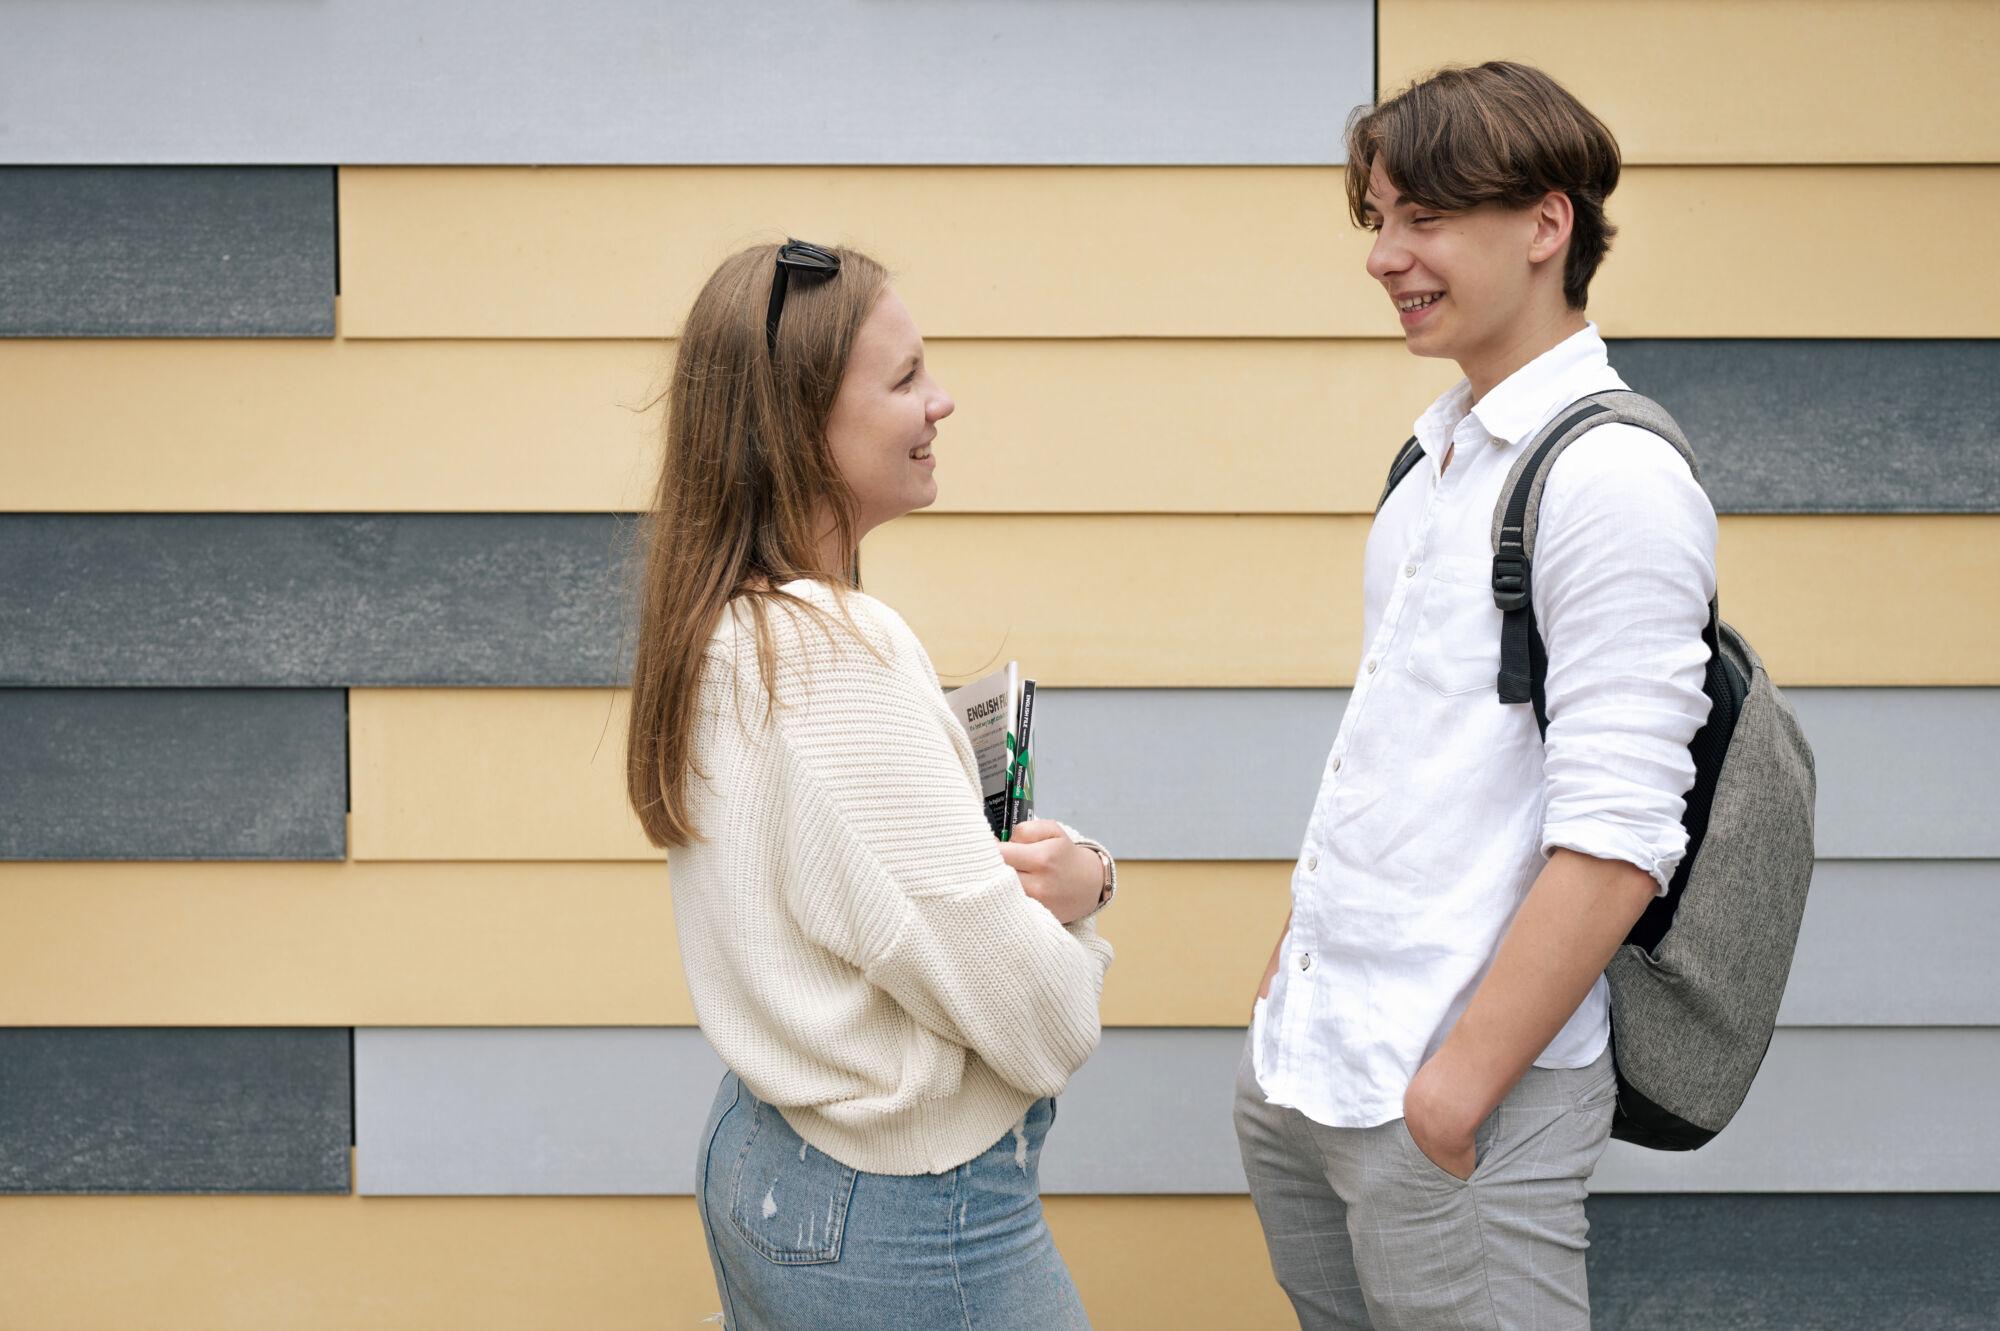 Studenti Trojského gymnázia, komunikace před školou